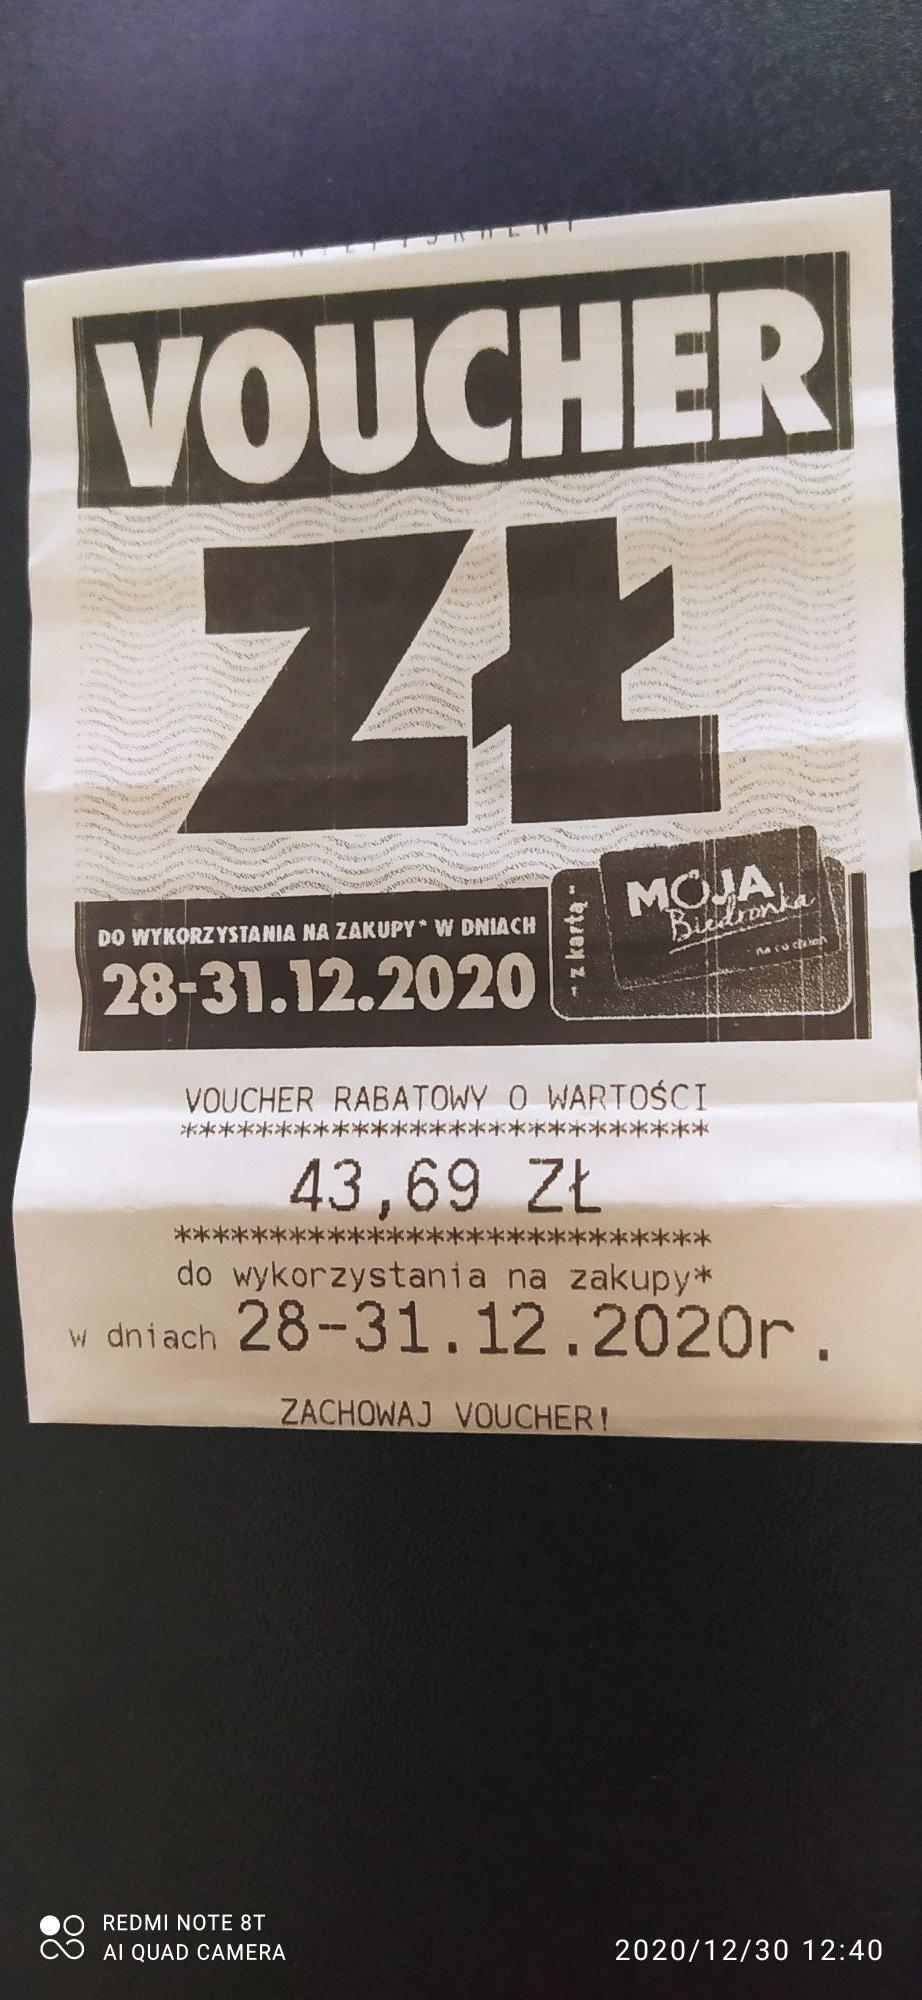 345351-uT2za.jpg